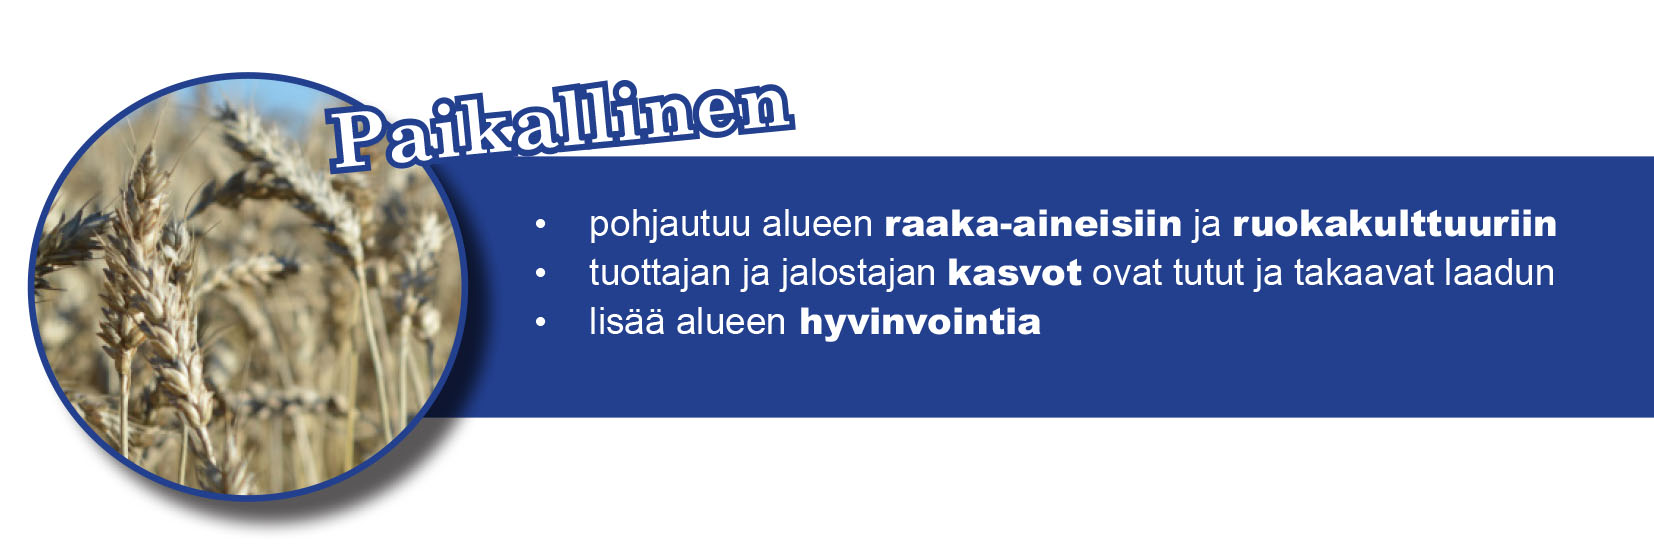 http://www.aitojamakuja.fi/arkisto/elamyksellinen.jpg